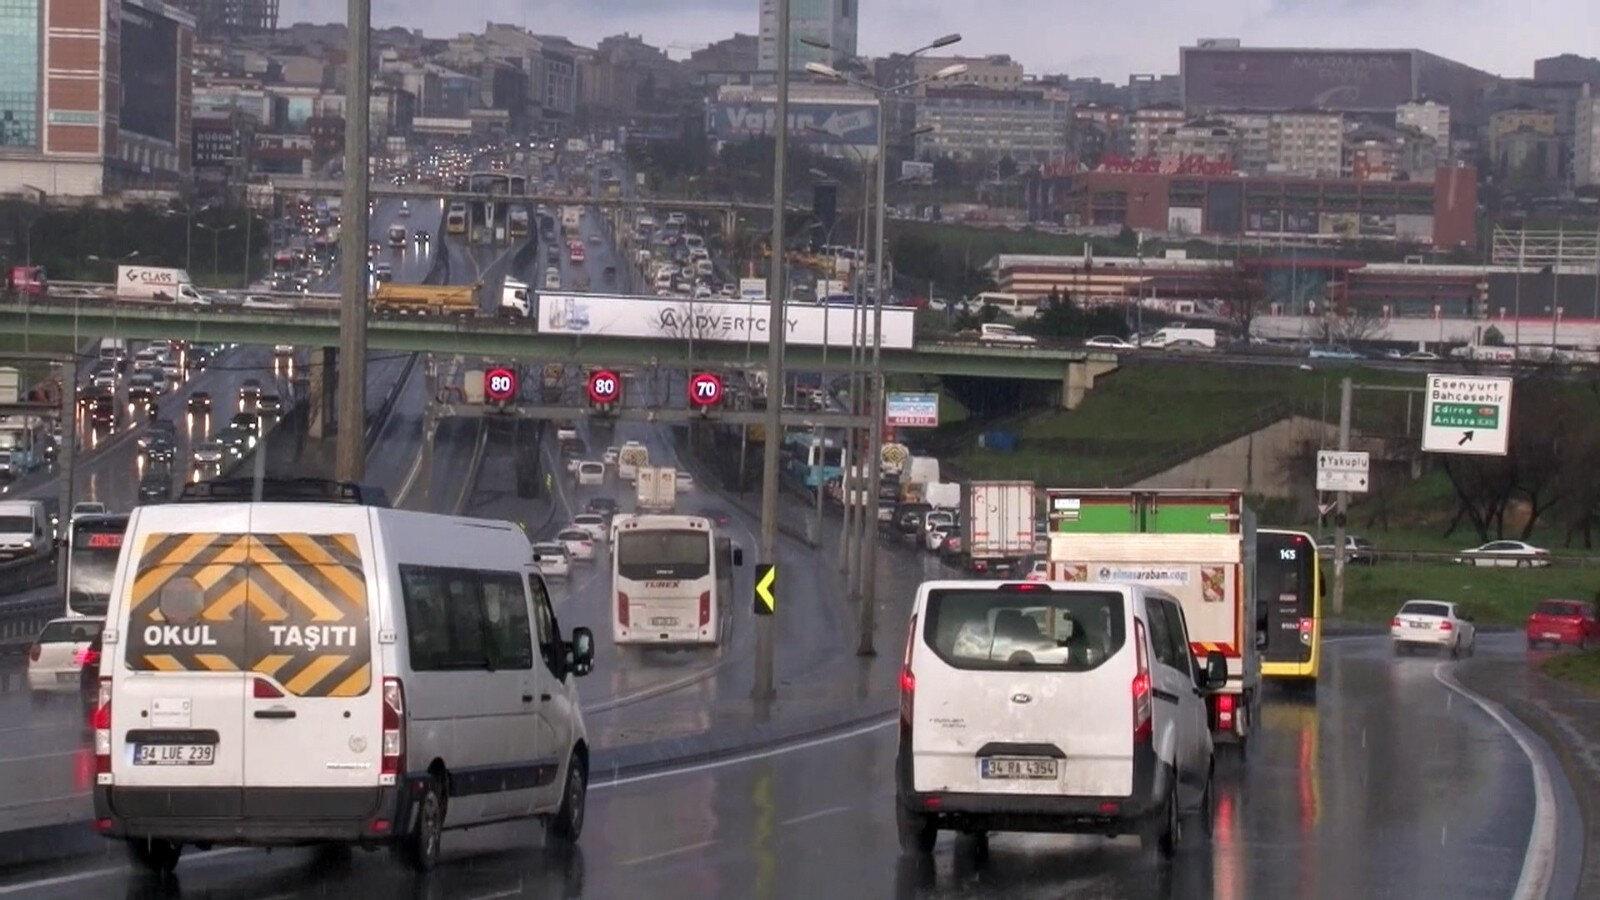 İstanbul'un bazı bölgelerinde dolu bazı bölgelerinde ise sulu kar etkili oldu.